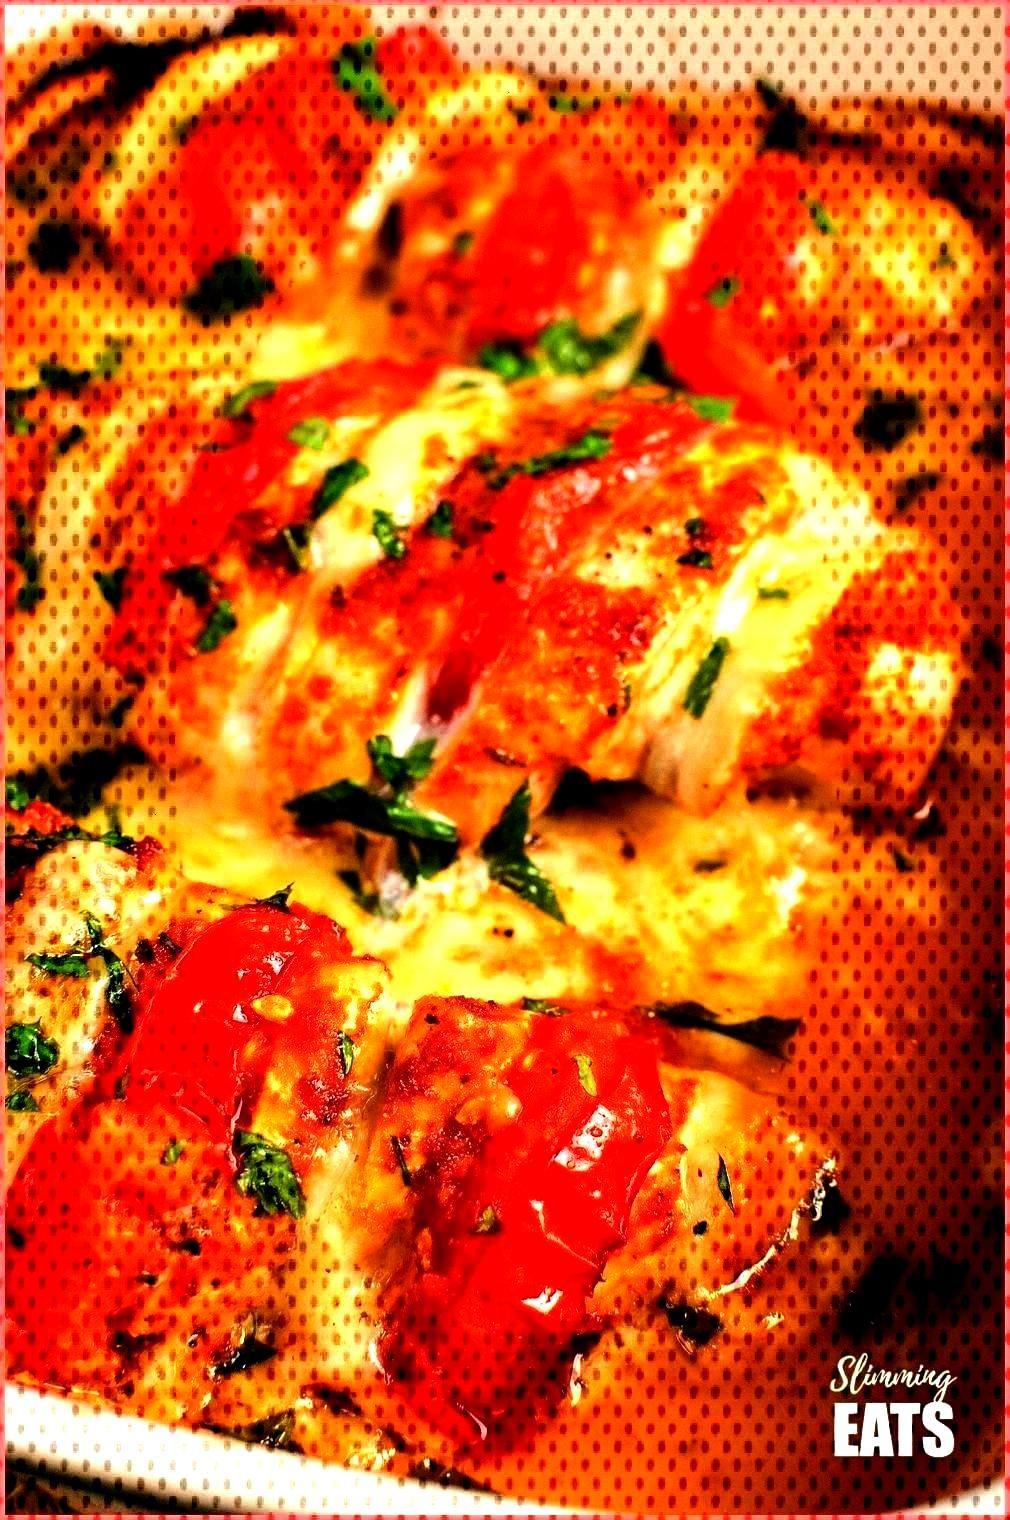 and mozzarella hasselback chicken in oven proof dish - - tomato and mozzarella hasselback chicken i